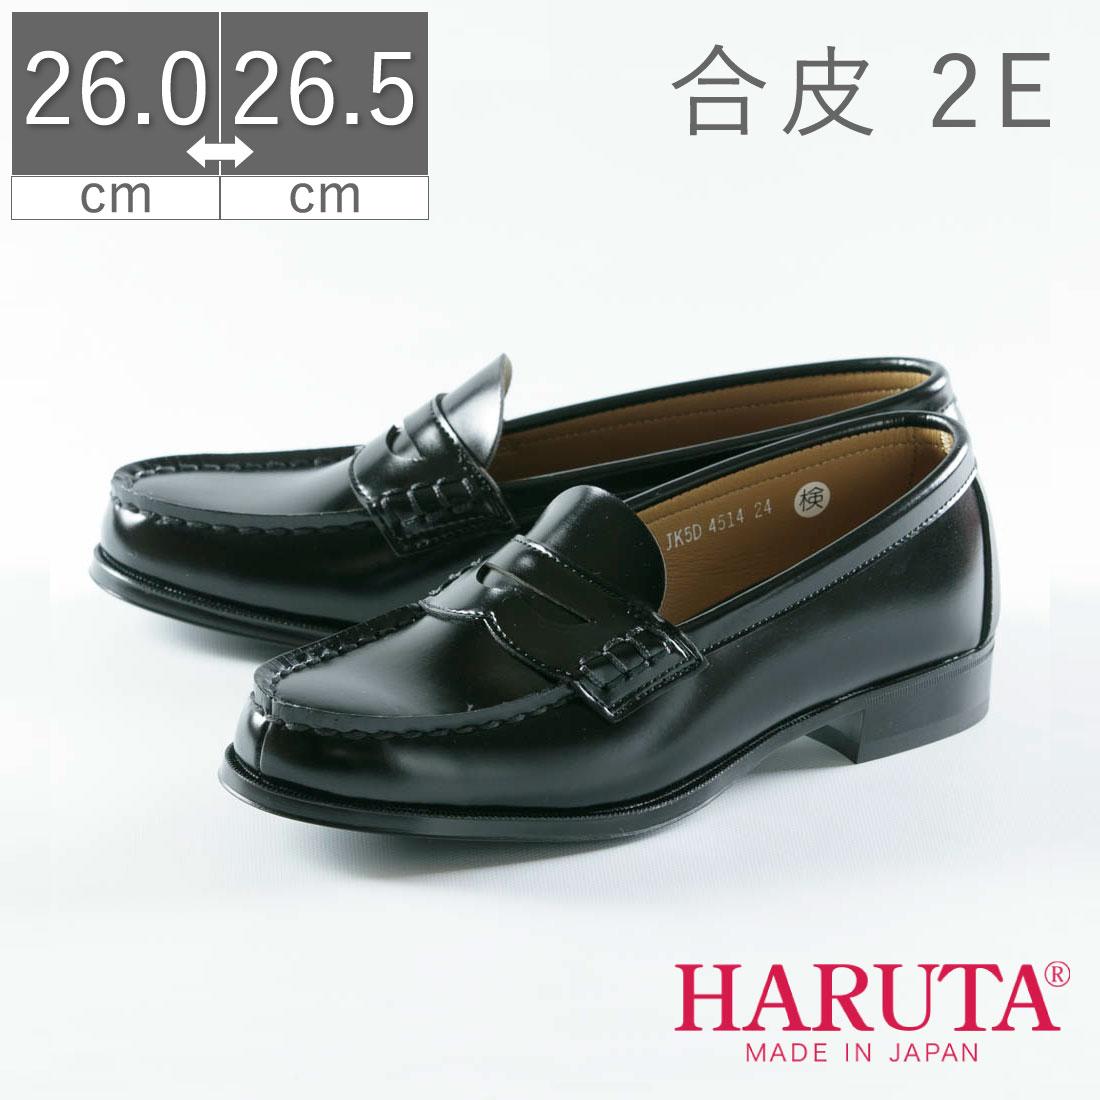 【午前9時までのご注文で即日発送】【全国送料無料】 日本製 HARUTA ハルタ ローファー レディース 4514M 通学 学生 靴 2E 合皮 合成皮革 25 25.5 26 26.5 フットプレイス ギャラリー